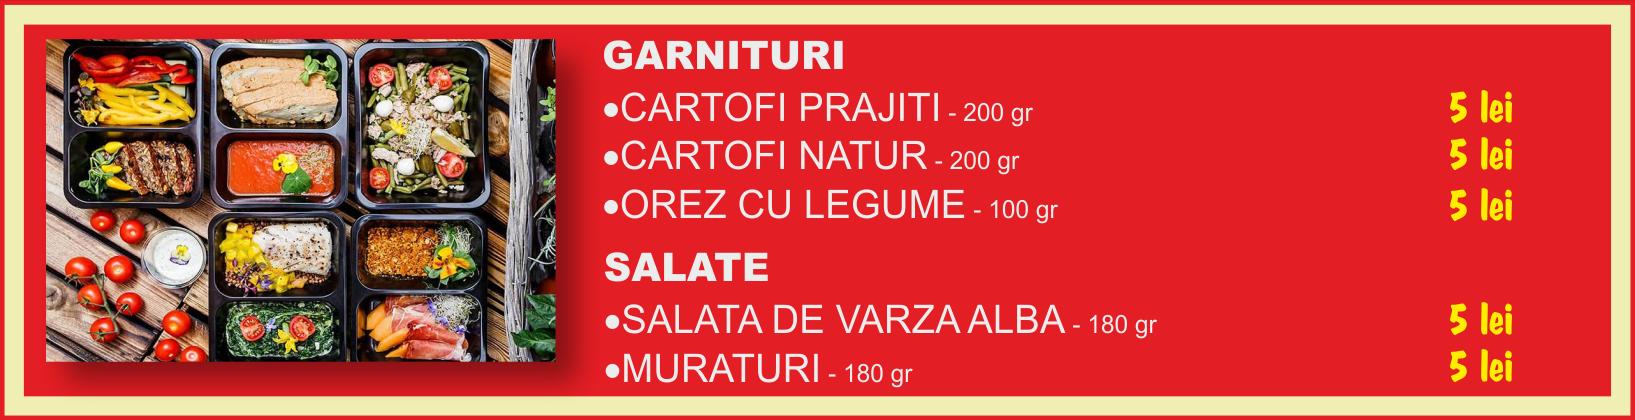 garnituri salate